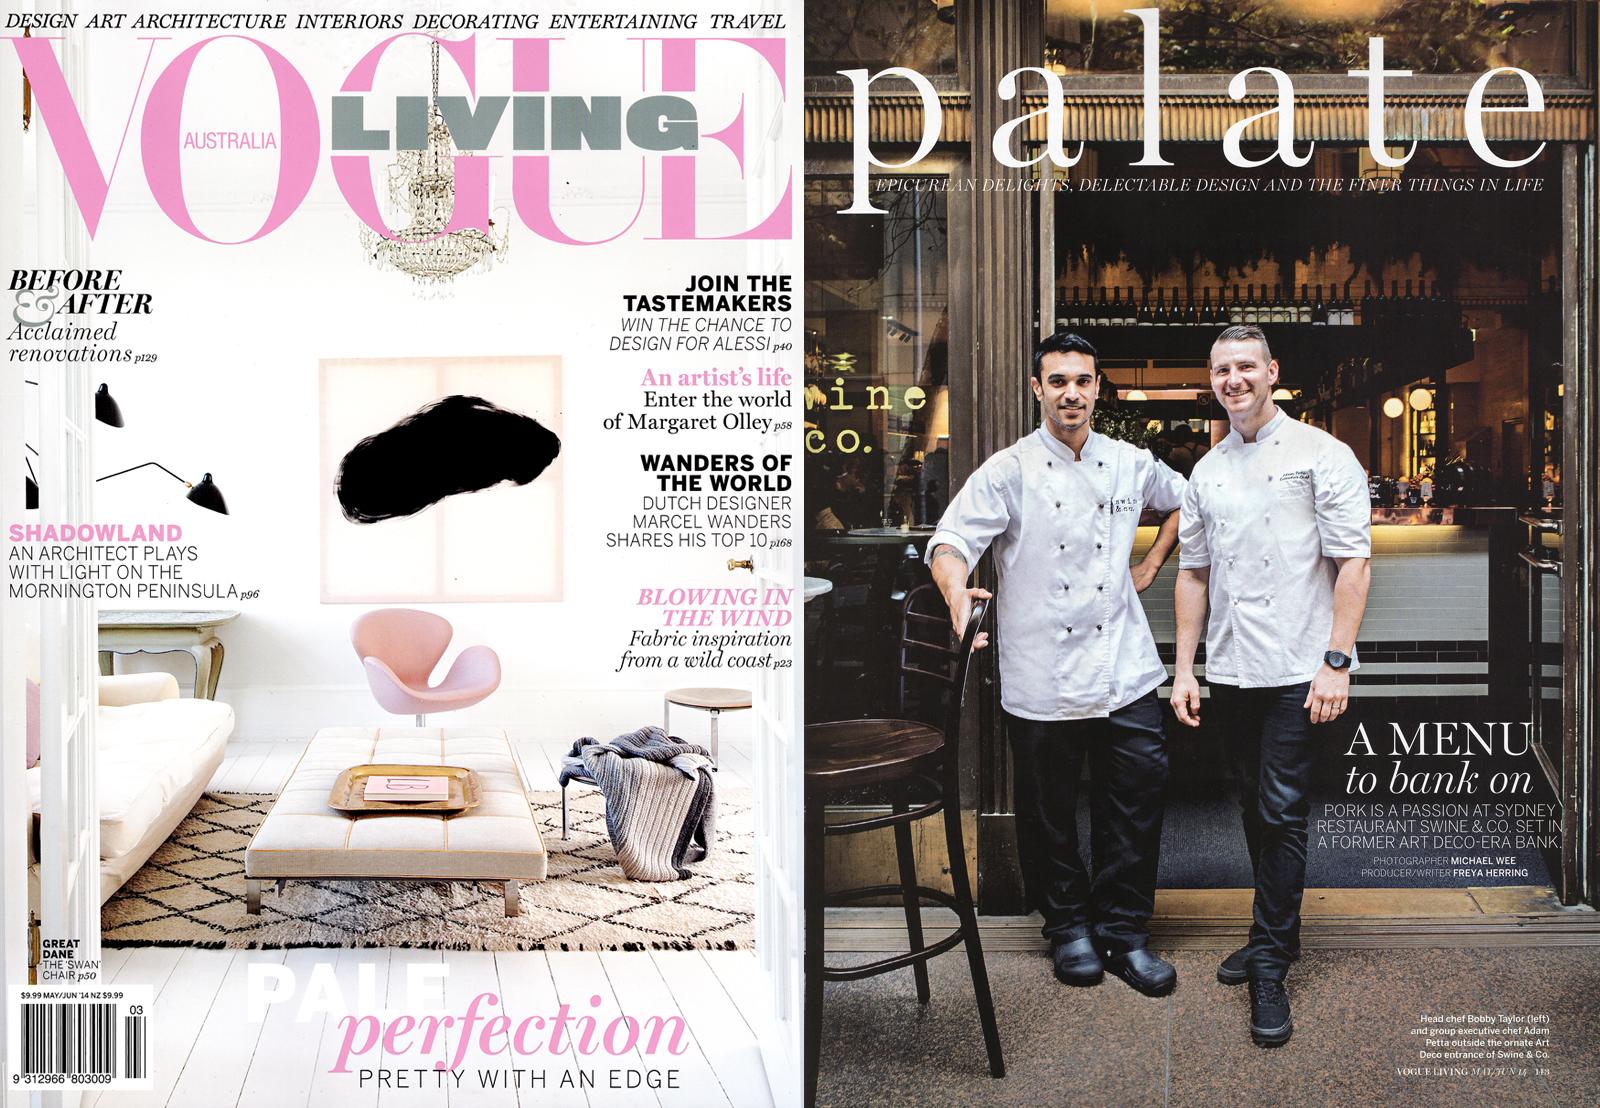 Vogue Living 2014 cov + p1 web.jpg